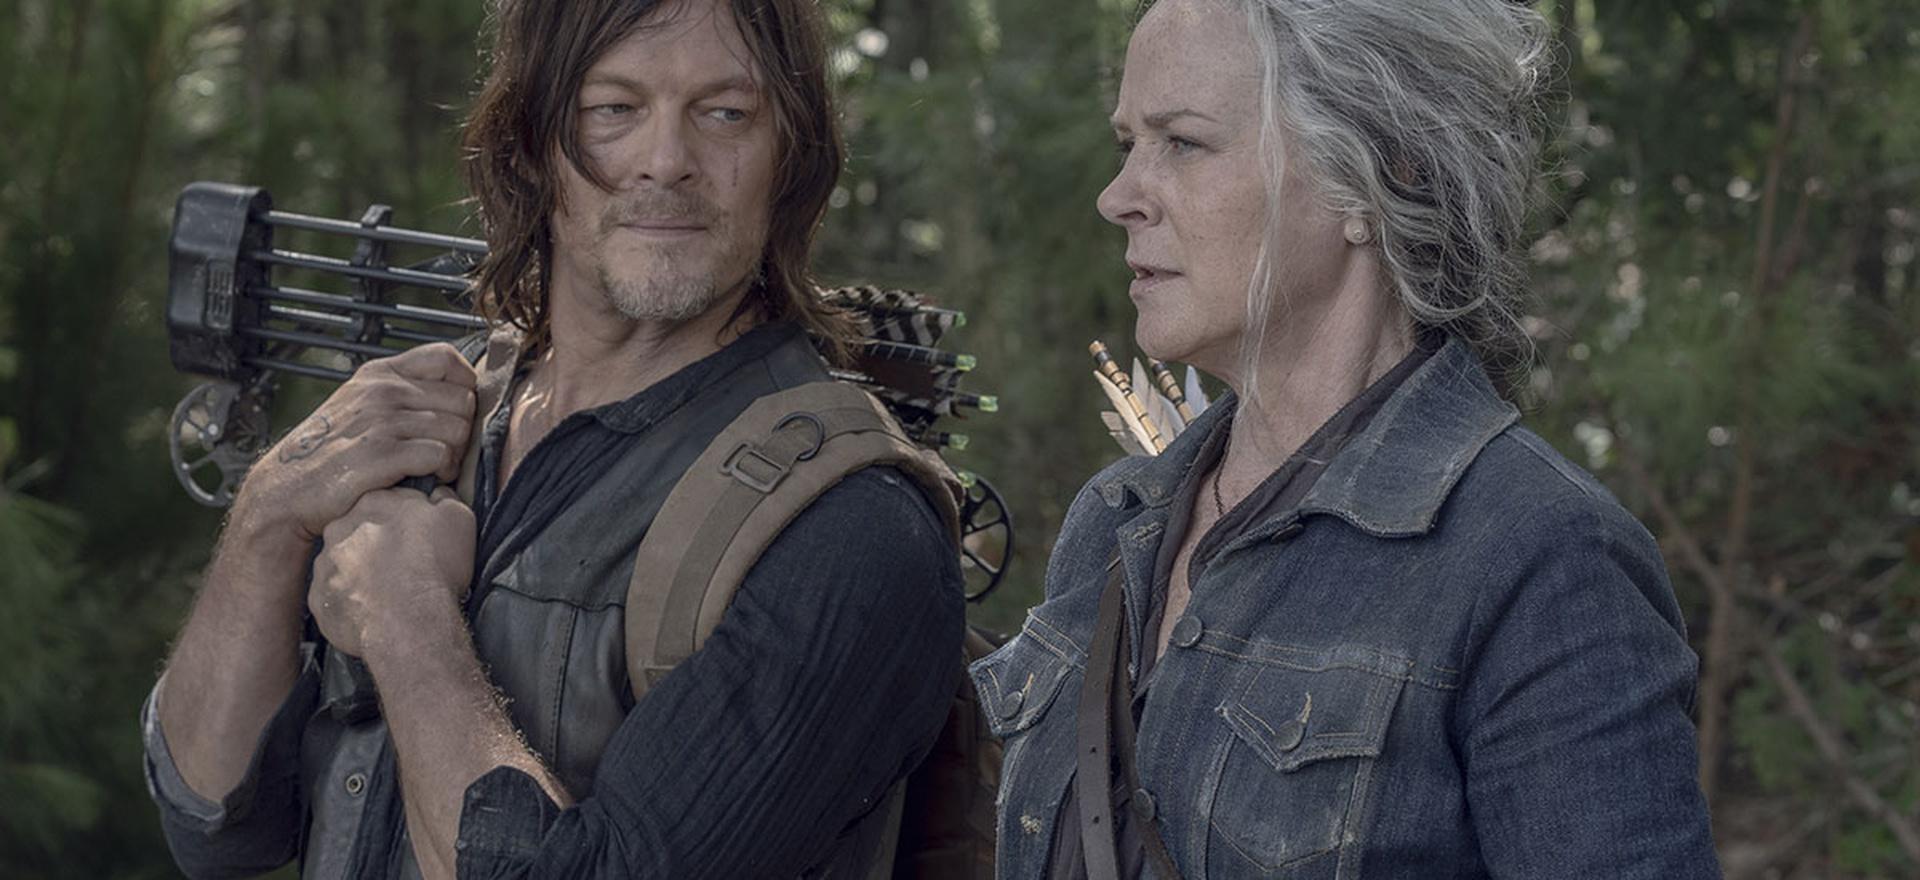 Daryl e Carol conversando e observando em cena da 10ª temporada de The Walking Dead